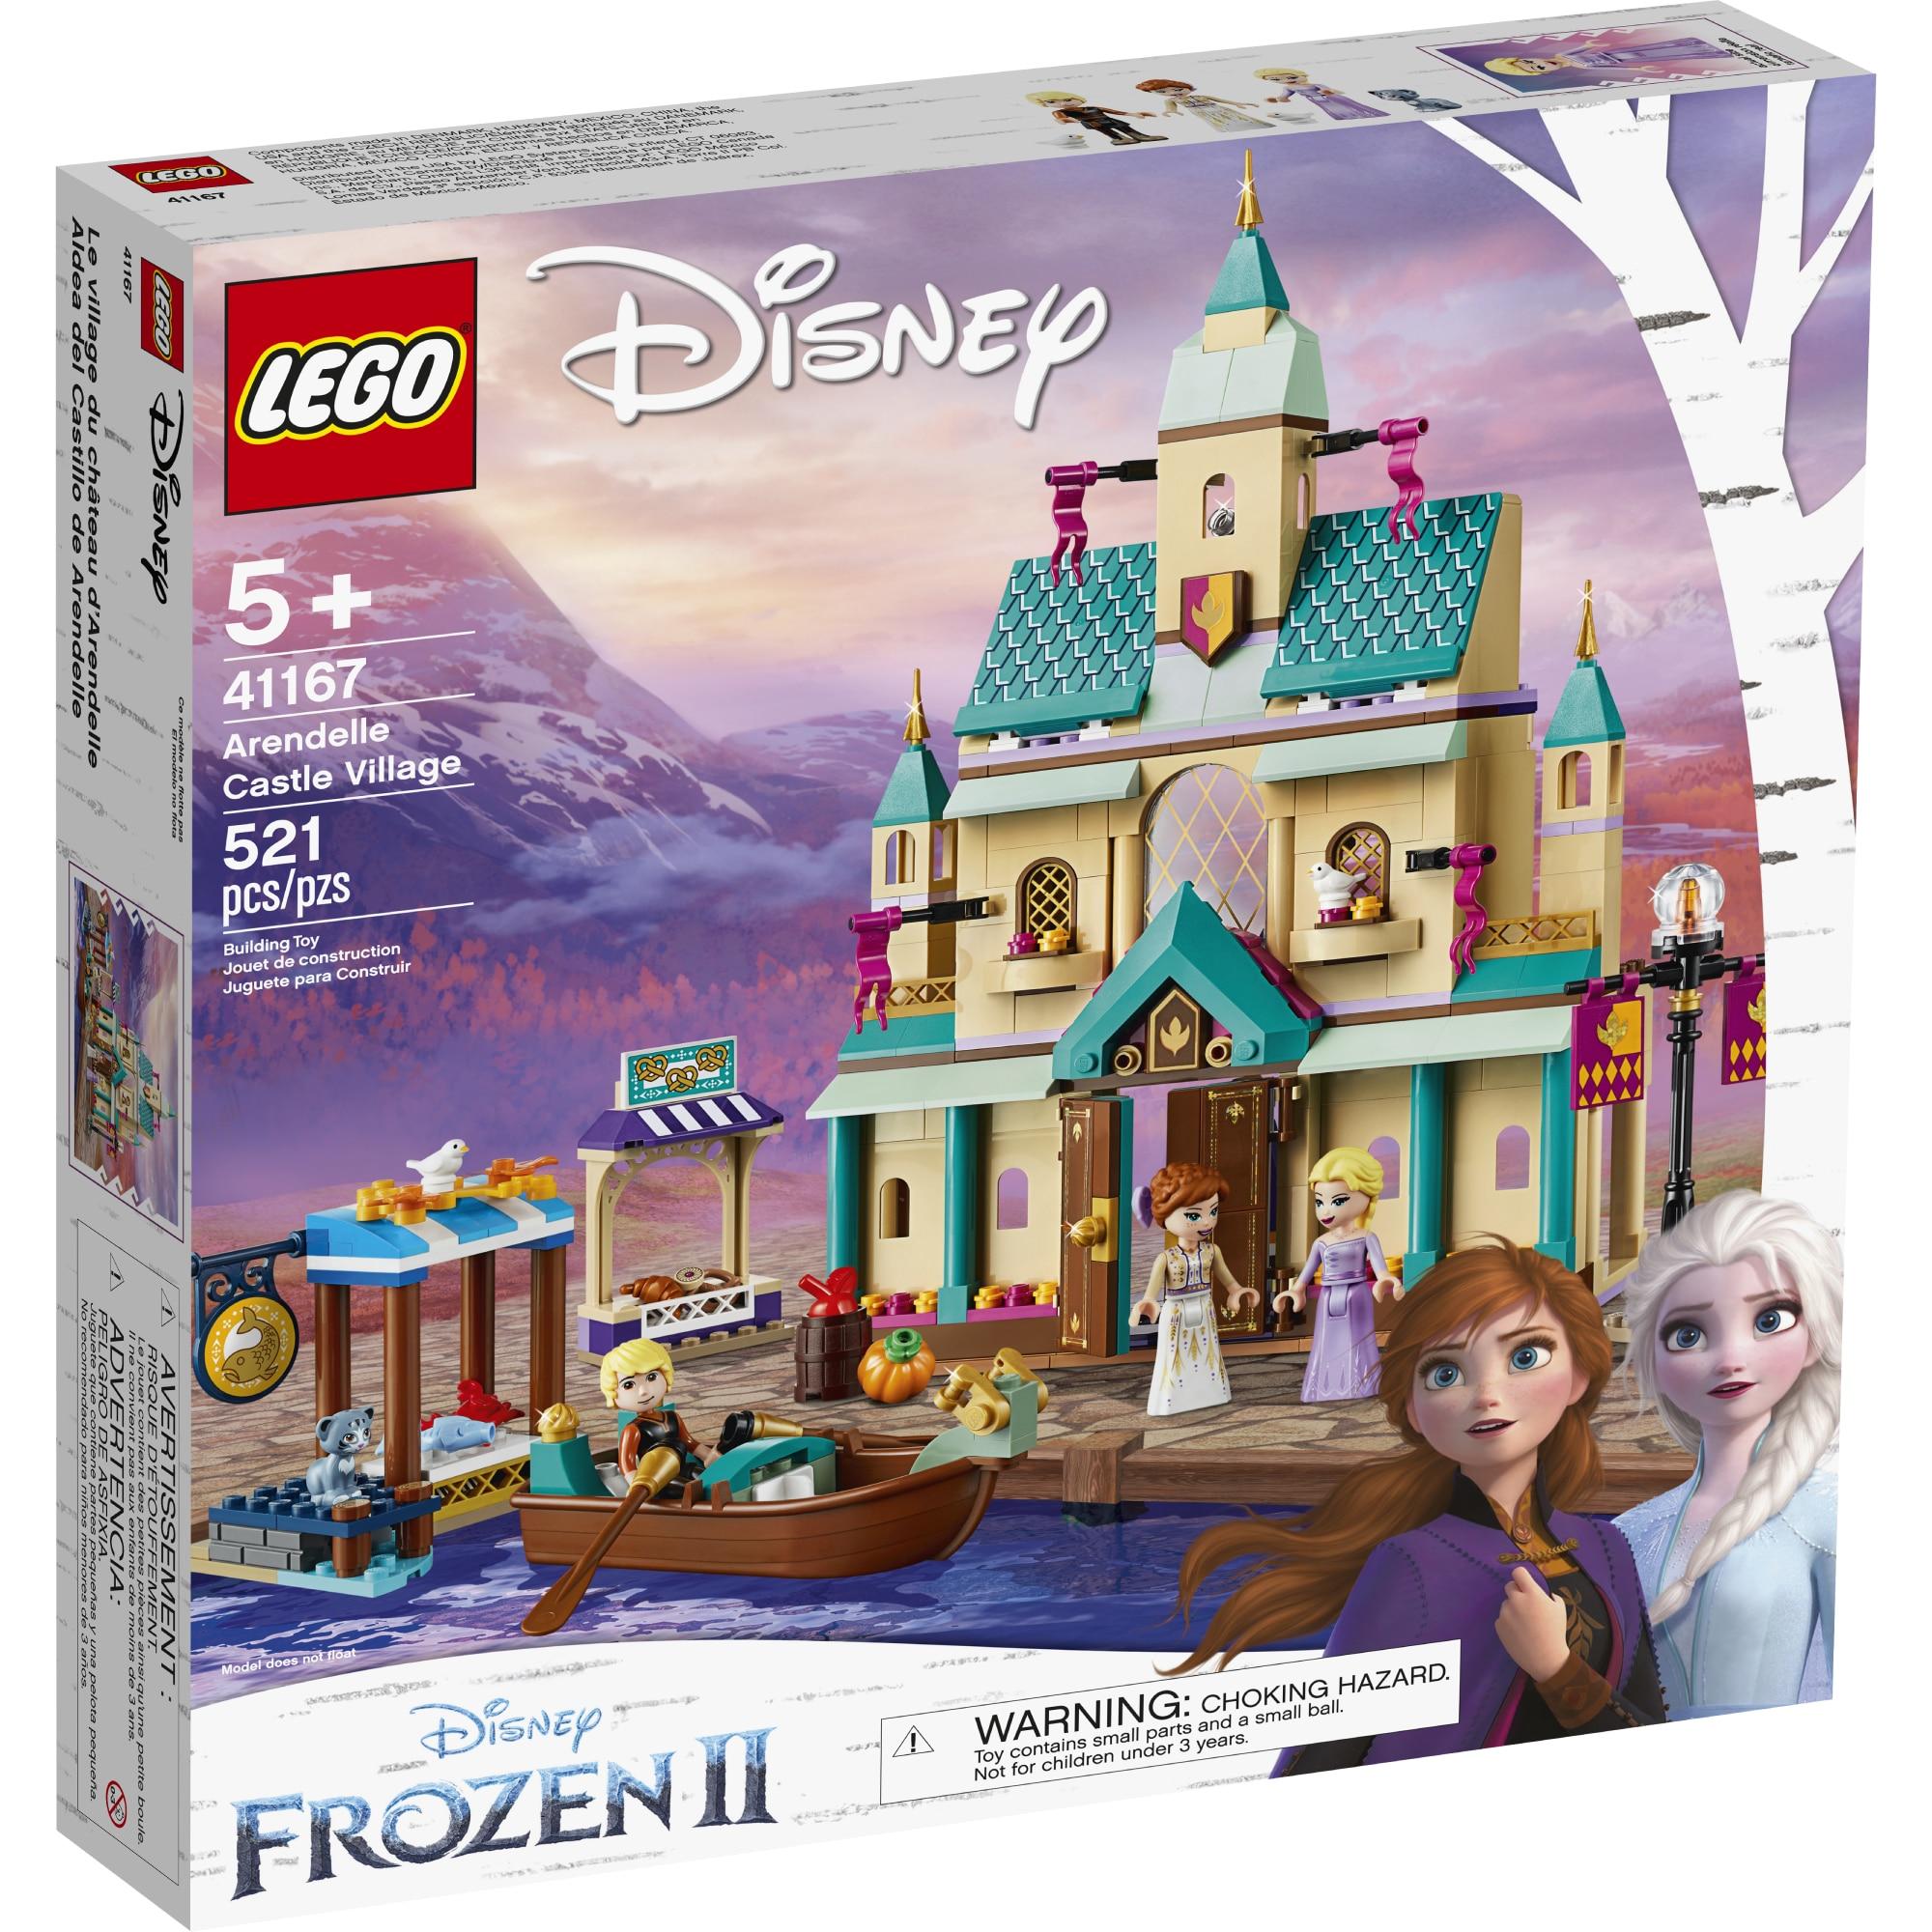 Fotografie LEGO Disney Frozen II - Satul castelului Arendelle 41167